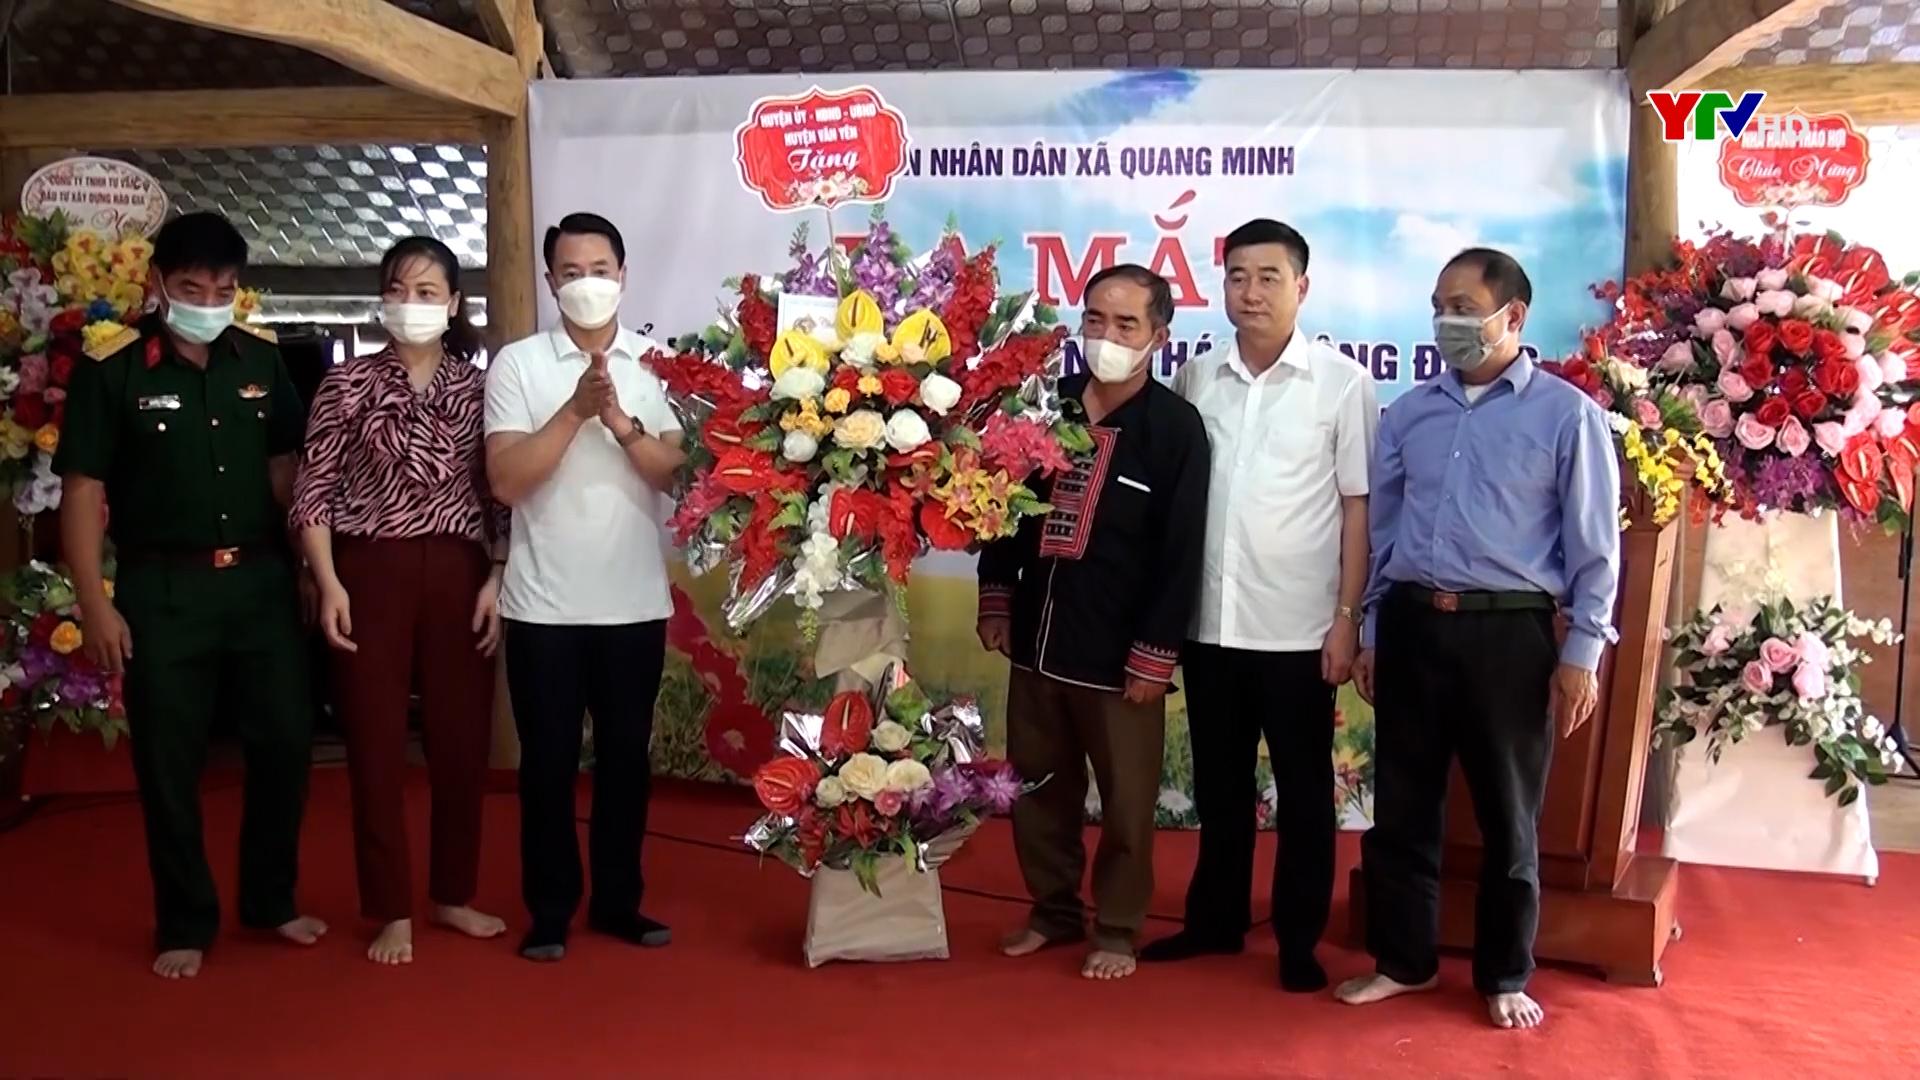 Xã Quang Minh, huyện Văn Yên ra mắt Tổ hợp tác du lịch sinh thái cộng đồng